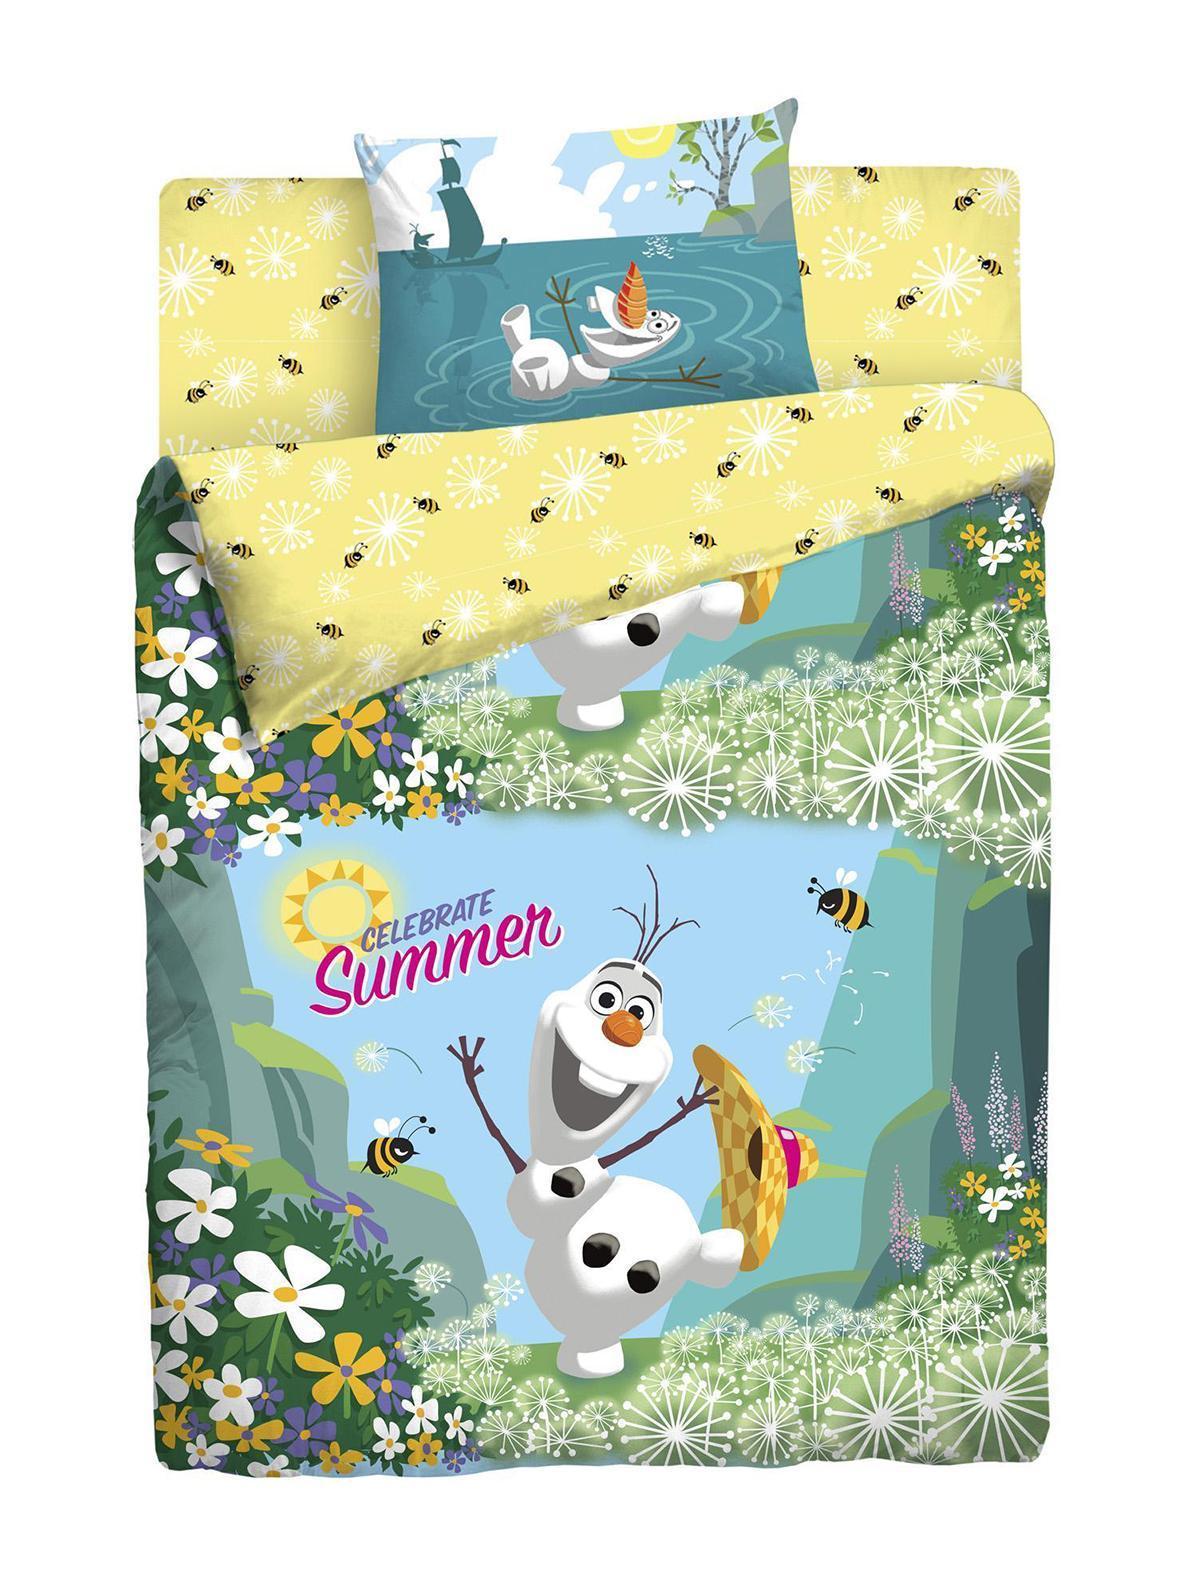 КПБ DISNEY Холодное сердце 1,5СП4600001808719Вас приветствует чудесный мир Disney и герои анимационного фильма Холодное сердце. Комплект пердставлен в желто-голубом цвете с изображением забавного и всеми любимого Олафа. Ваши детки будут в восторге - ведь теперь любимые герои всегда рядом, даже во сне! Уникальная структура ткани с высокими потребительскими свойствами, специальные гипоаллергенные красители, точное соблюдение размеров и высокое качество пошива подарит приятный и интересный сон.